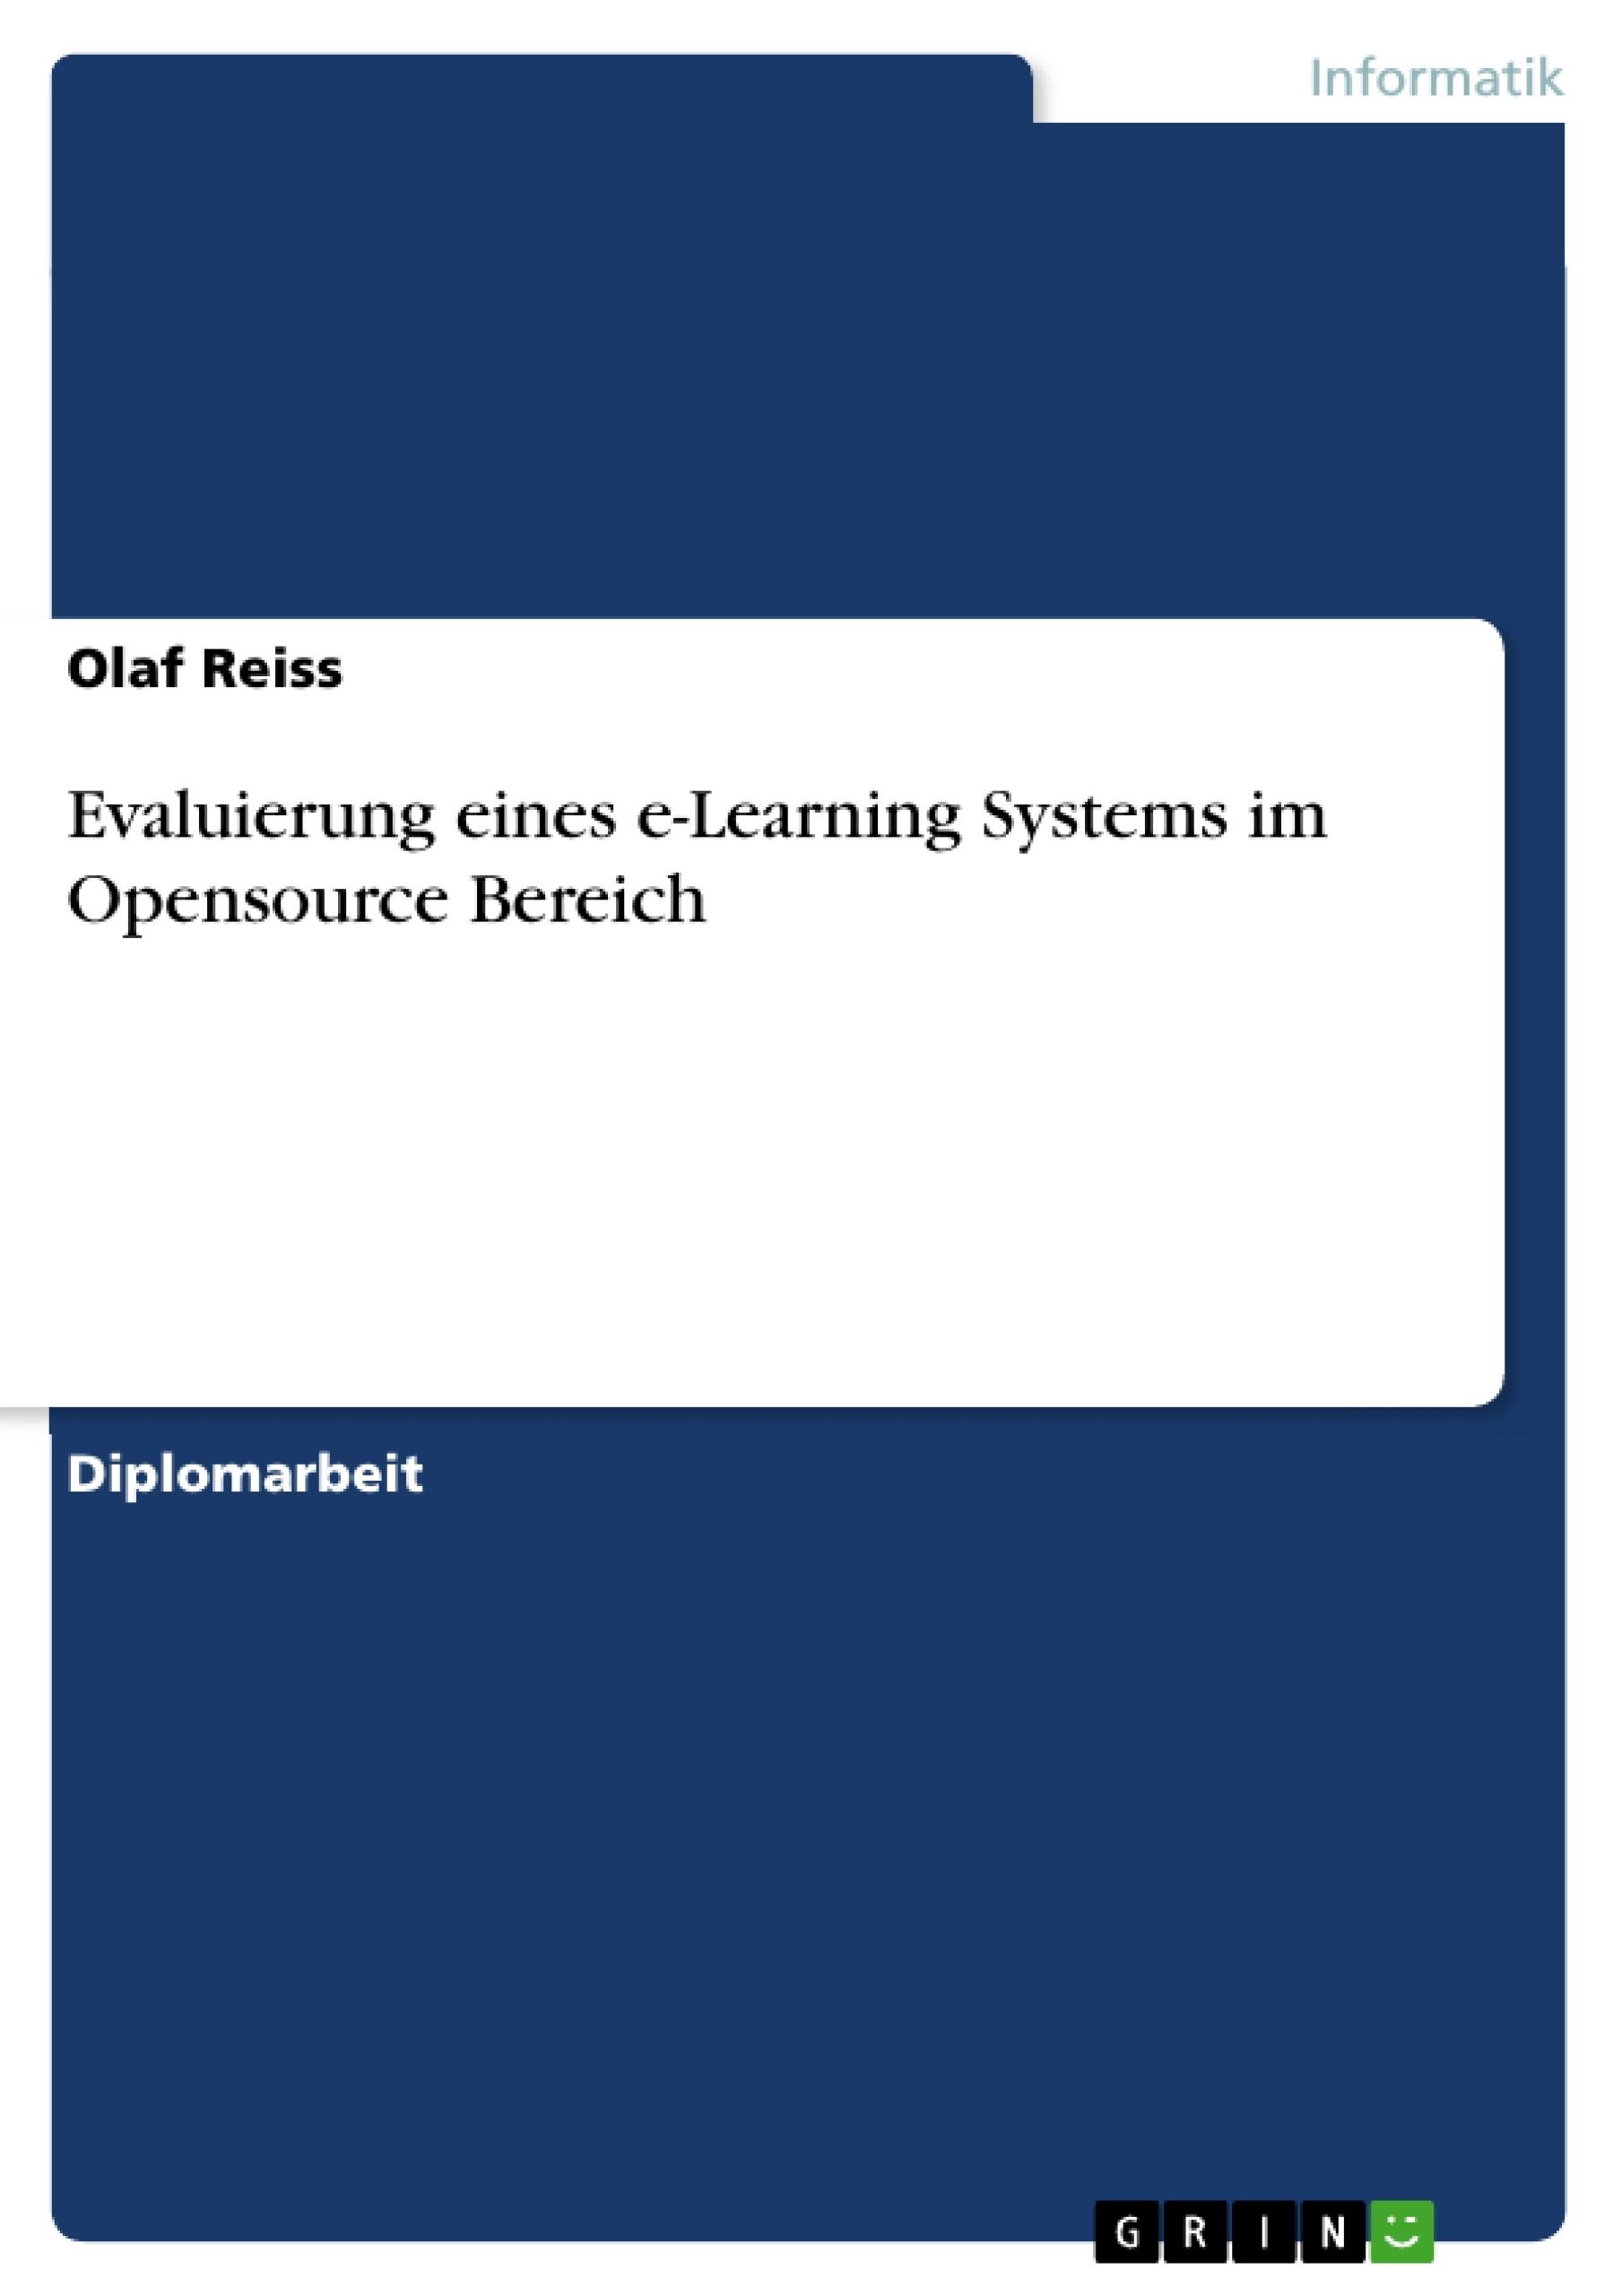 Titel: Evaluierung eines e-Learning Systems im Opensource Bereich